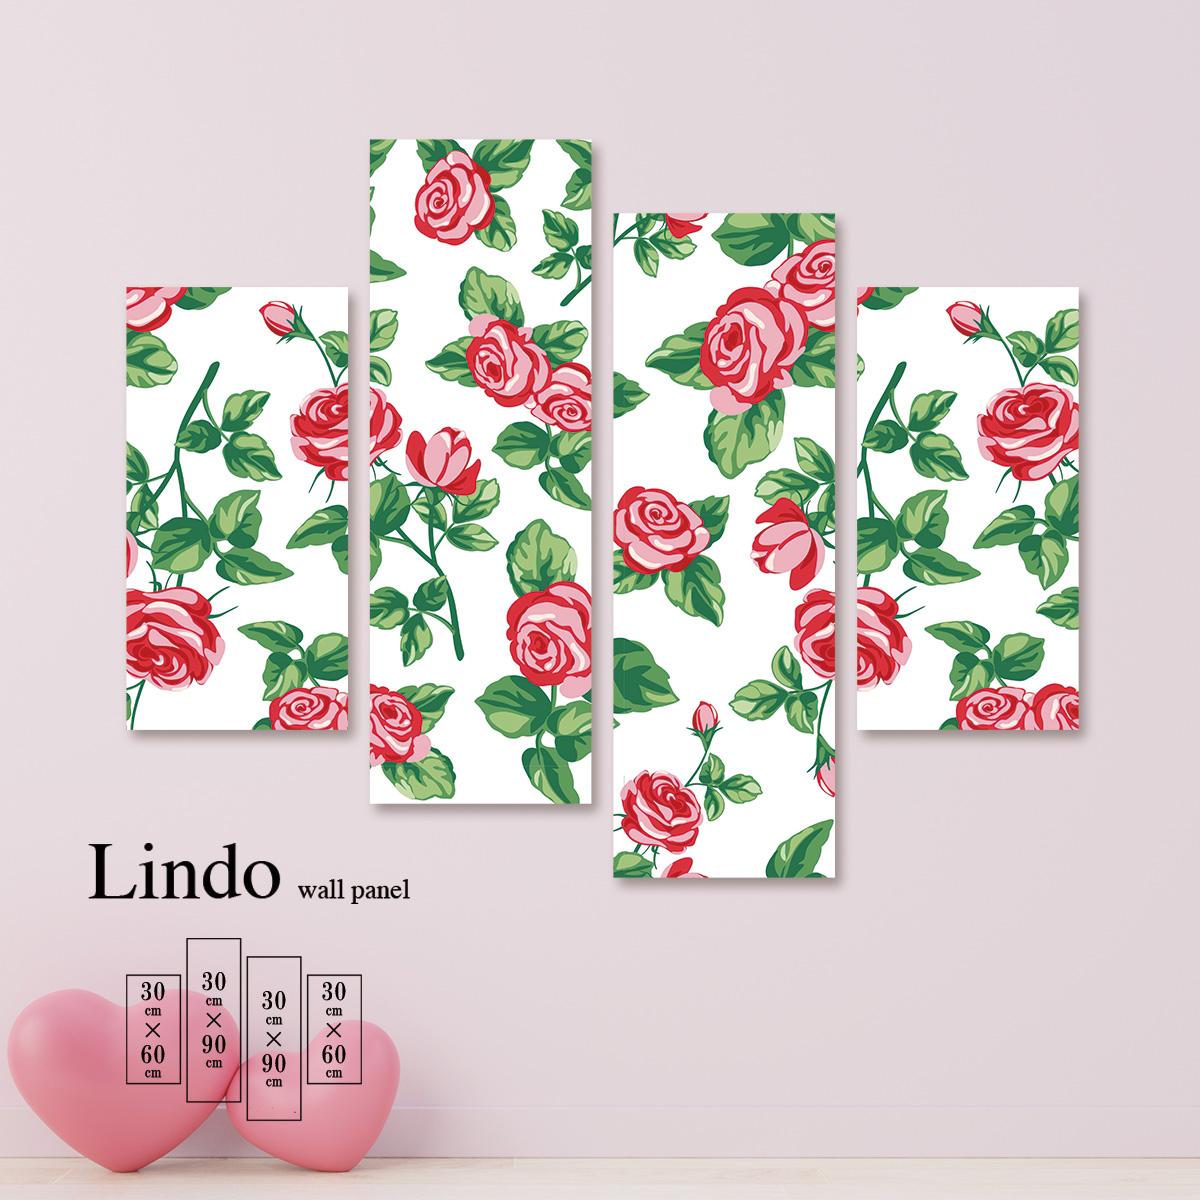 アートパネル 花 フラワー 薔薇 ローズ 花柄 植物 白 赤 壁掛け 北欧 お洒落 デザイン ファブリック 壁飾り アートボード 4枚パネル